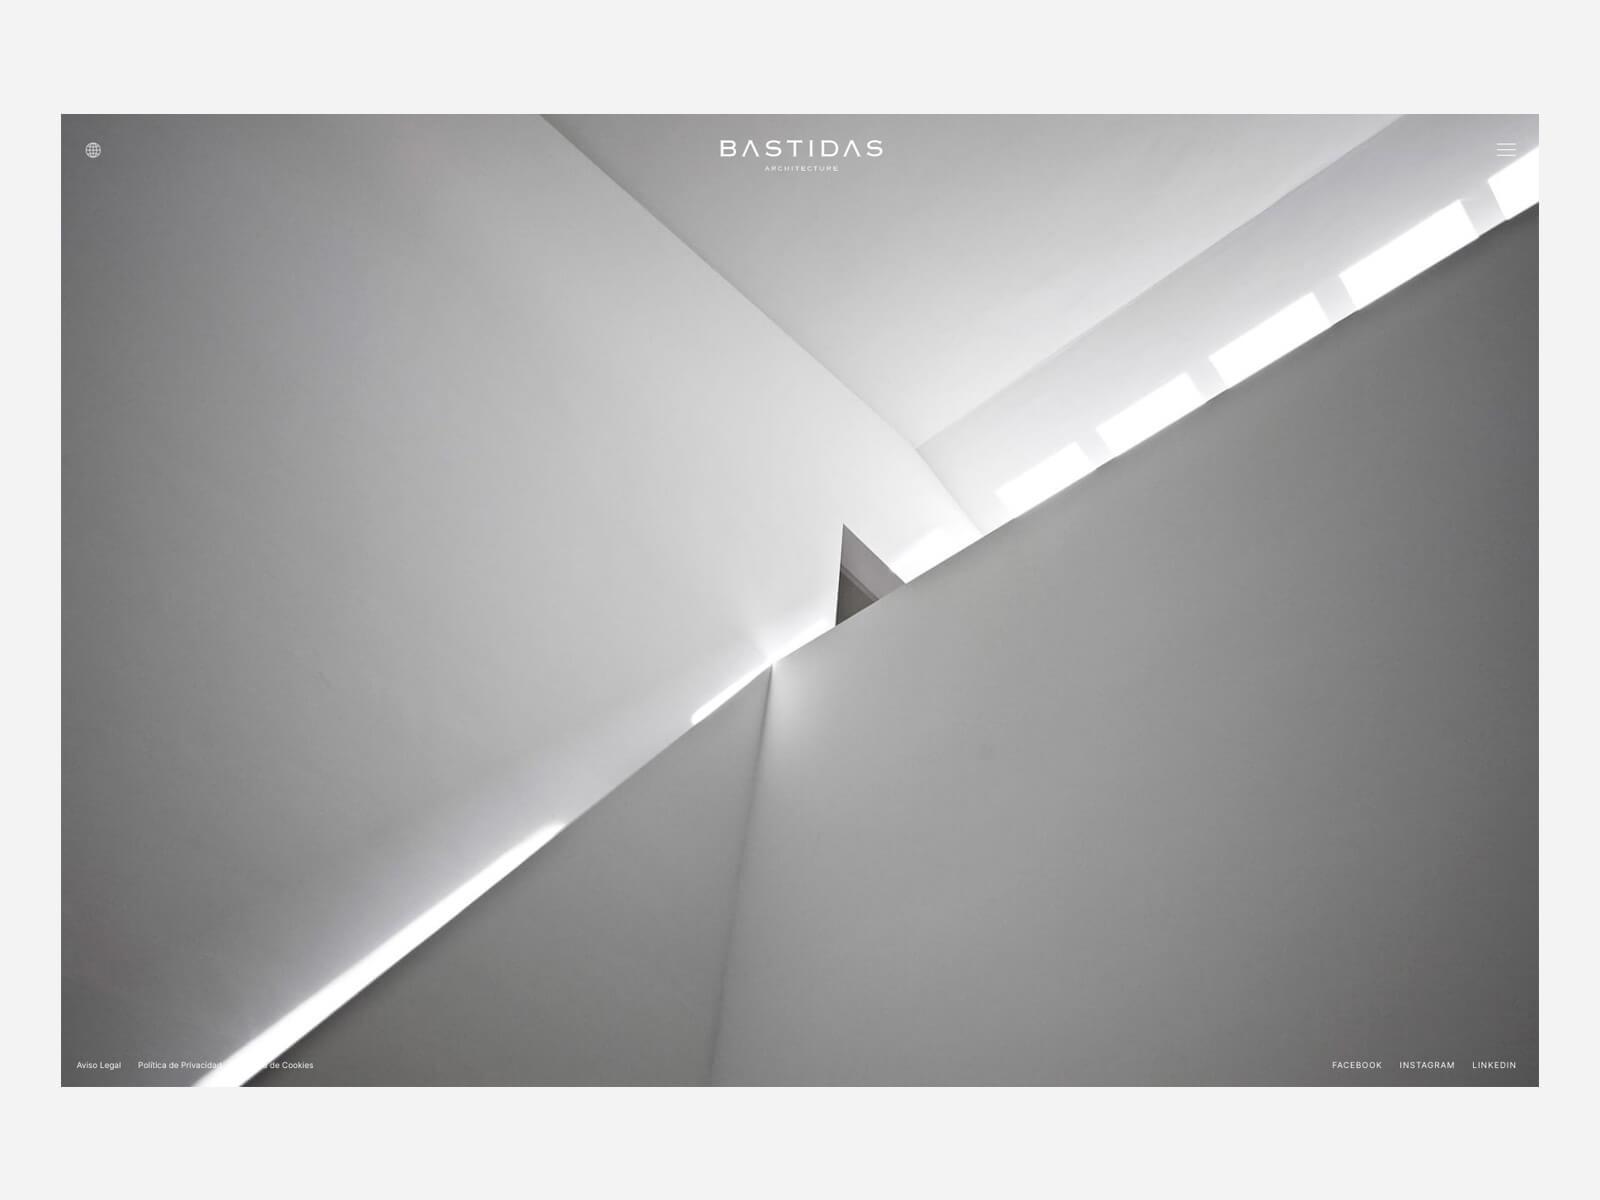 Diseño paginas web despachos arquitectura